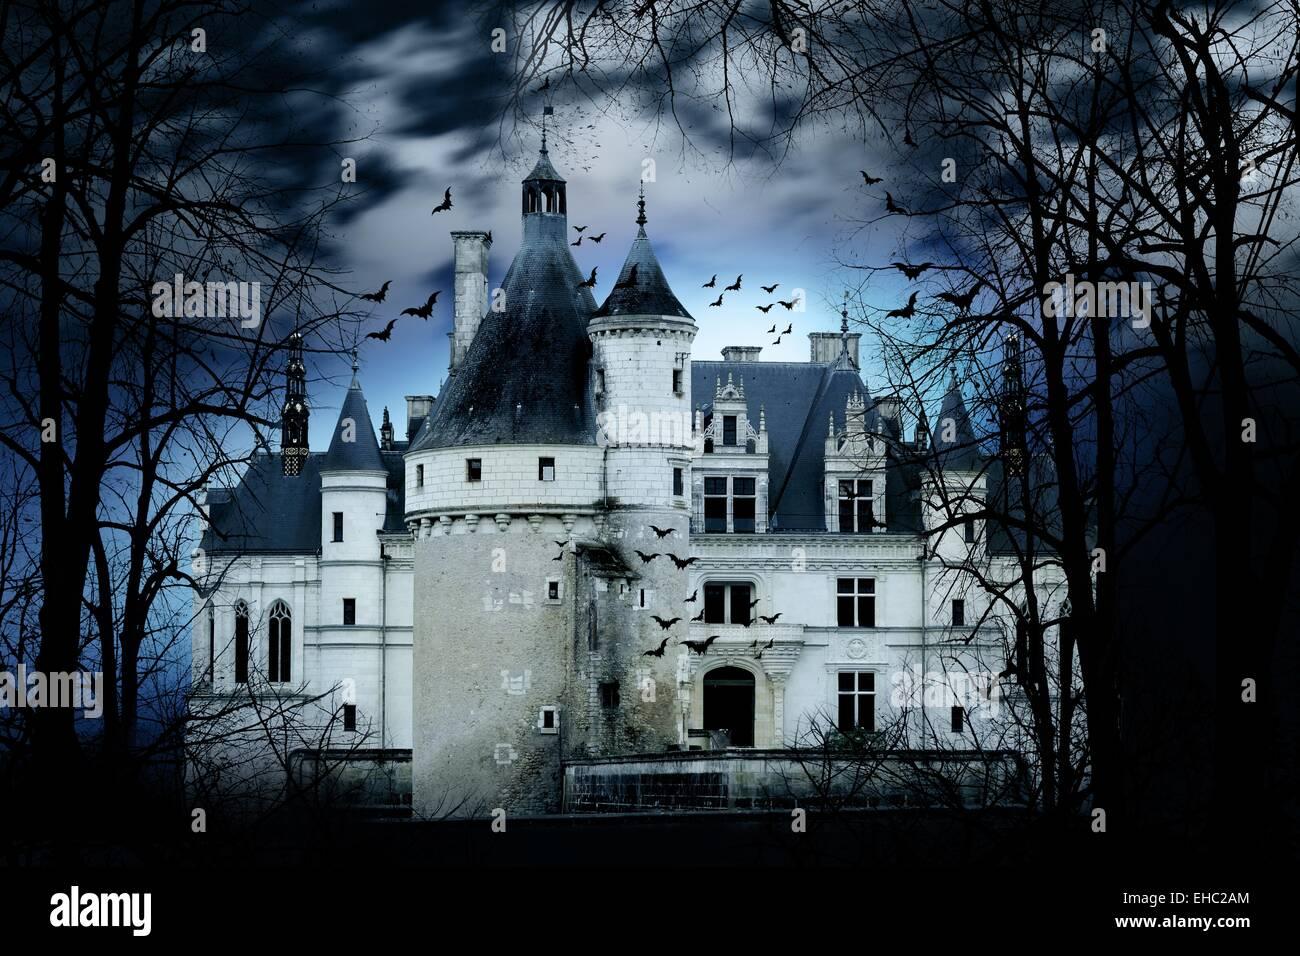 Haunted Castle con atmósfera de miedo terror oscuro Imagen De Stock